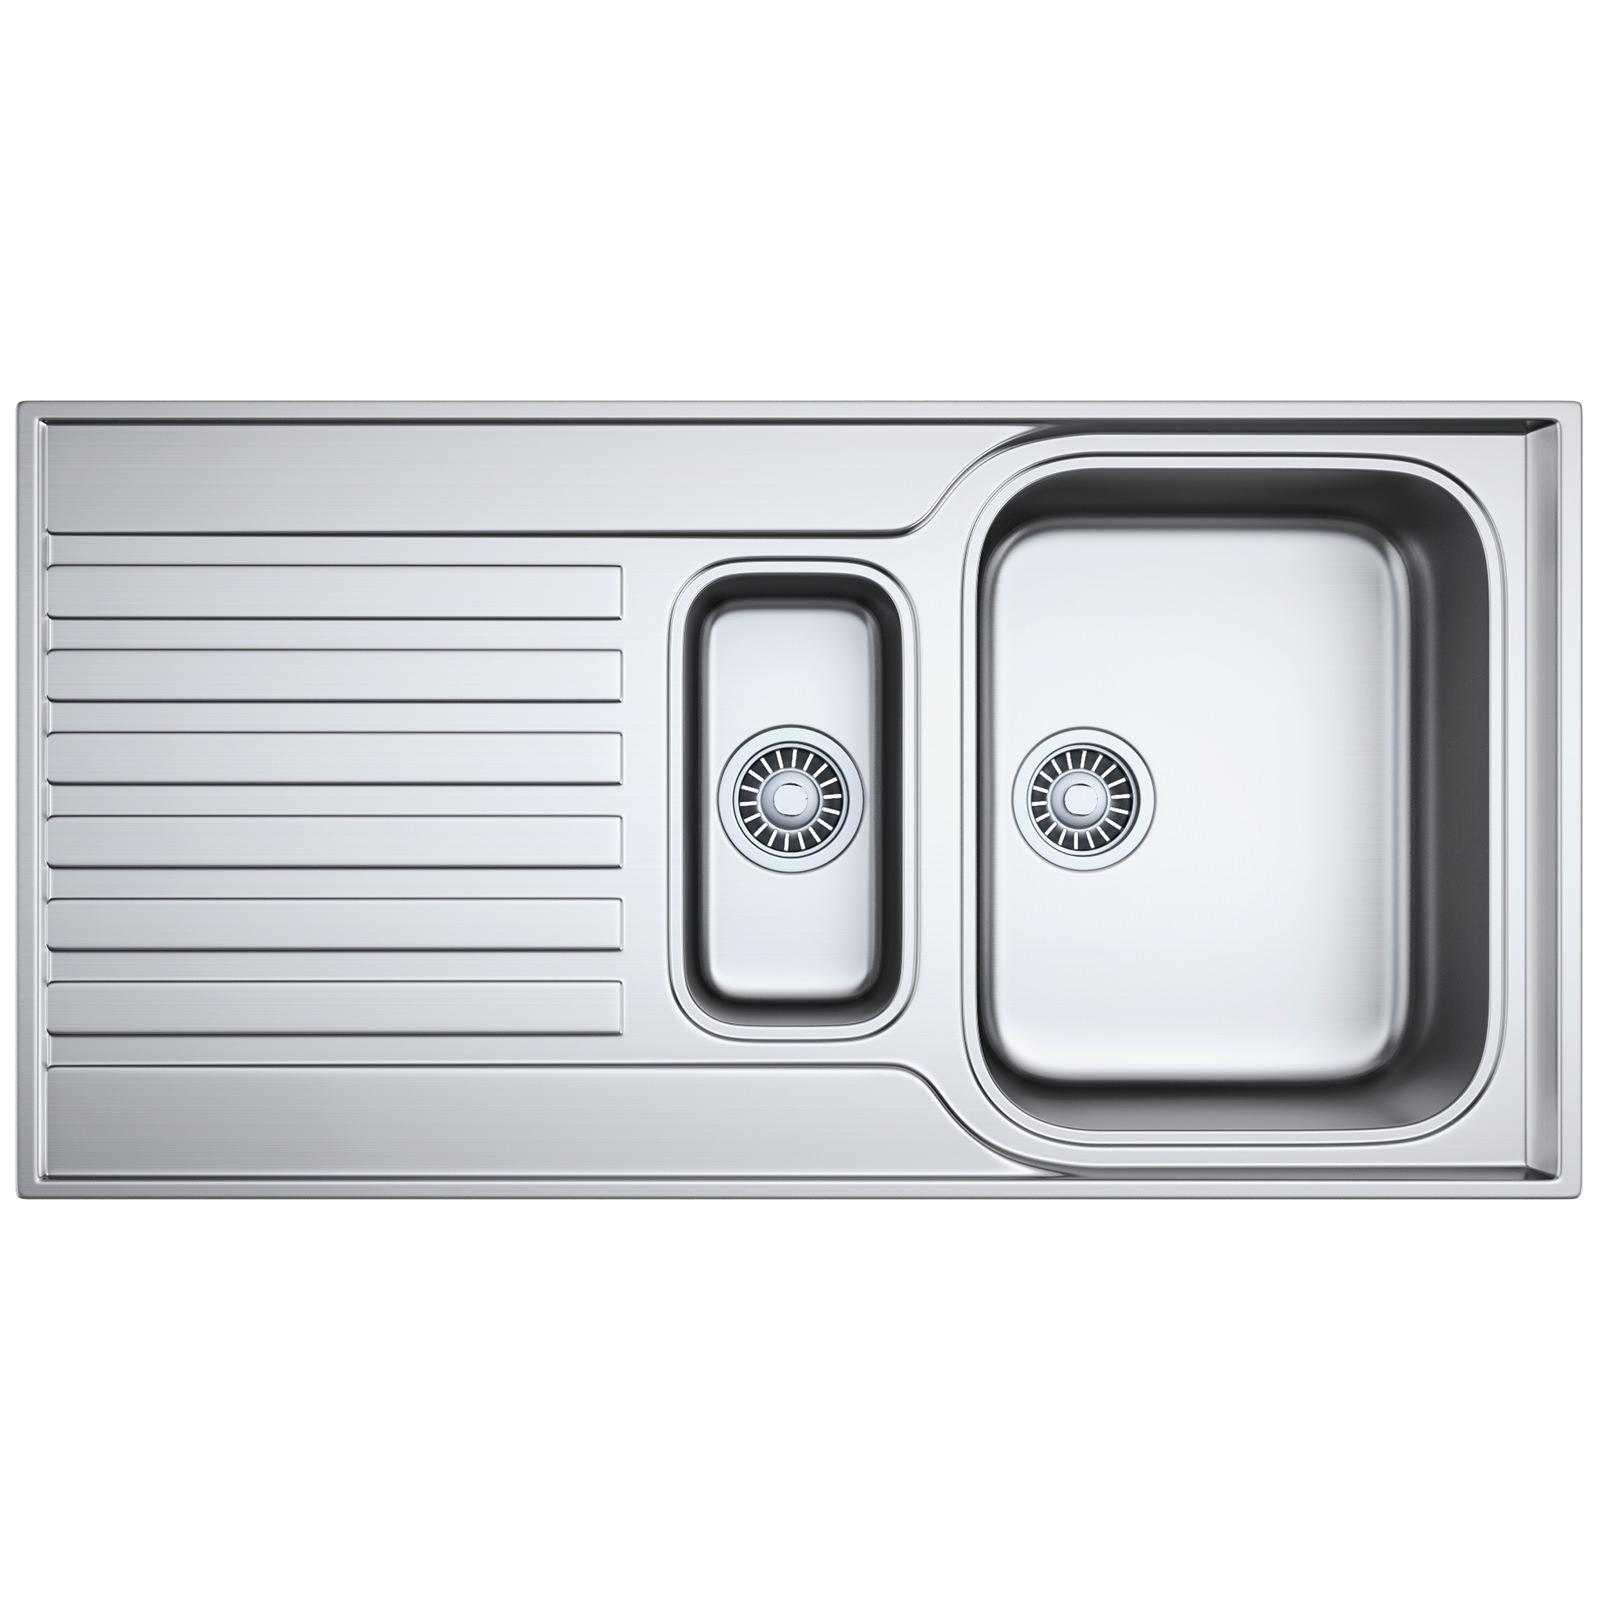 Franke ascona asx 651 stainless steel 1 5 bowl inset sink for Franke sinks